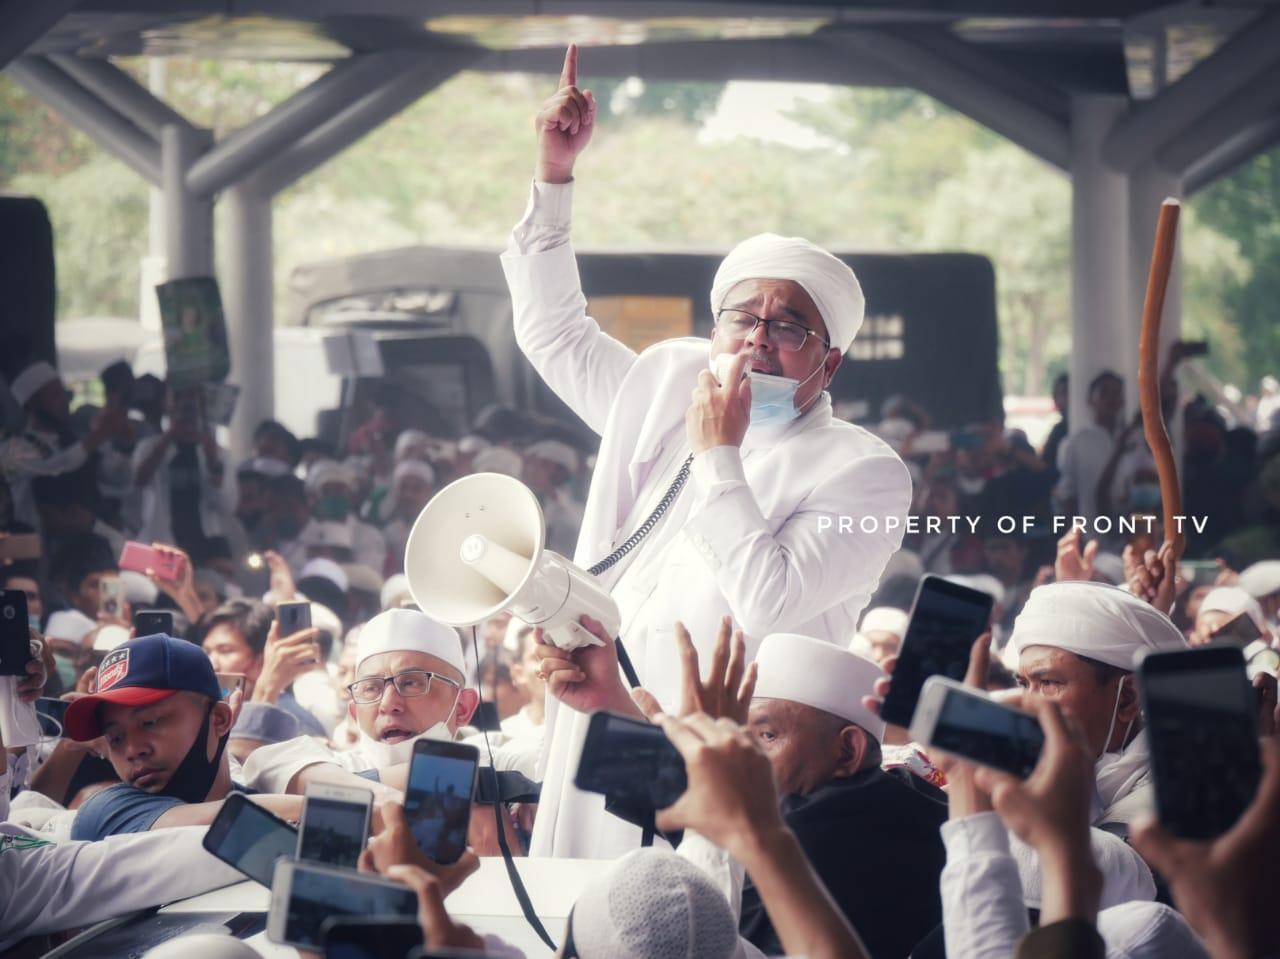 Terkait Rekonsiliasi, IB HRS: Bebaskan Dulu Ustadz Baasyir, Habib Bahar, Syahganda Dan Lainnya